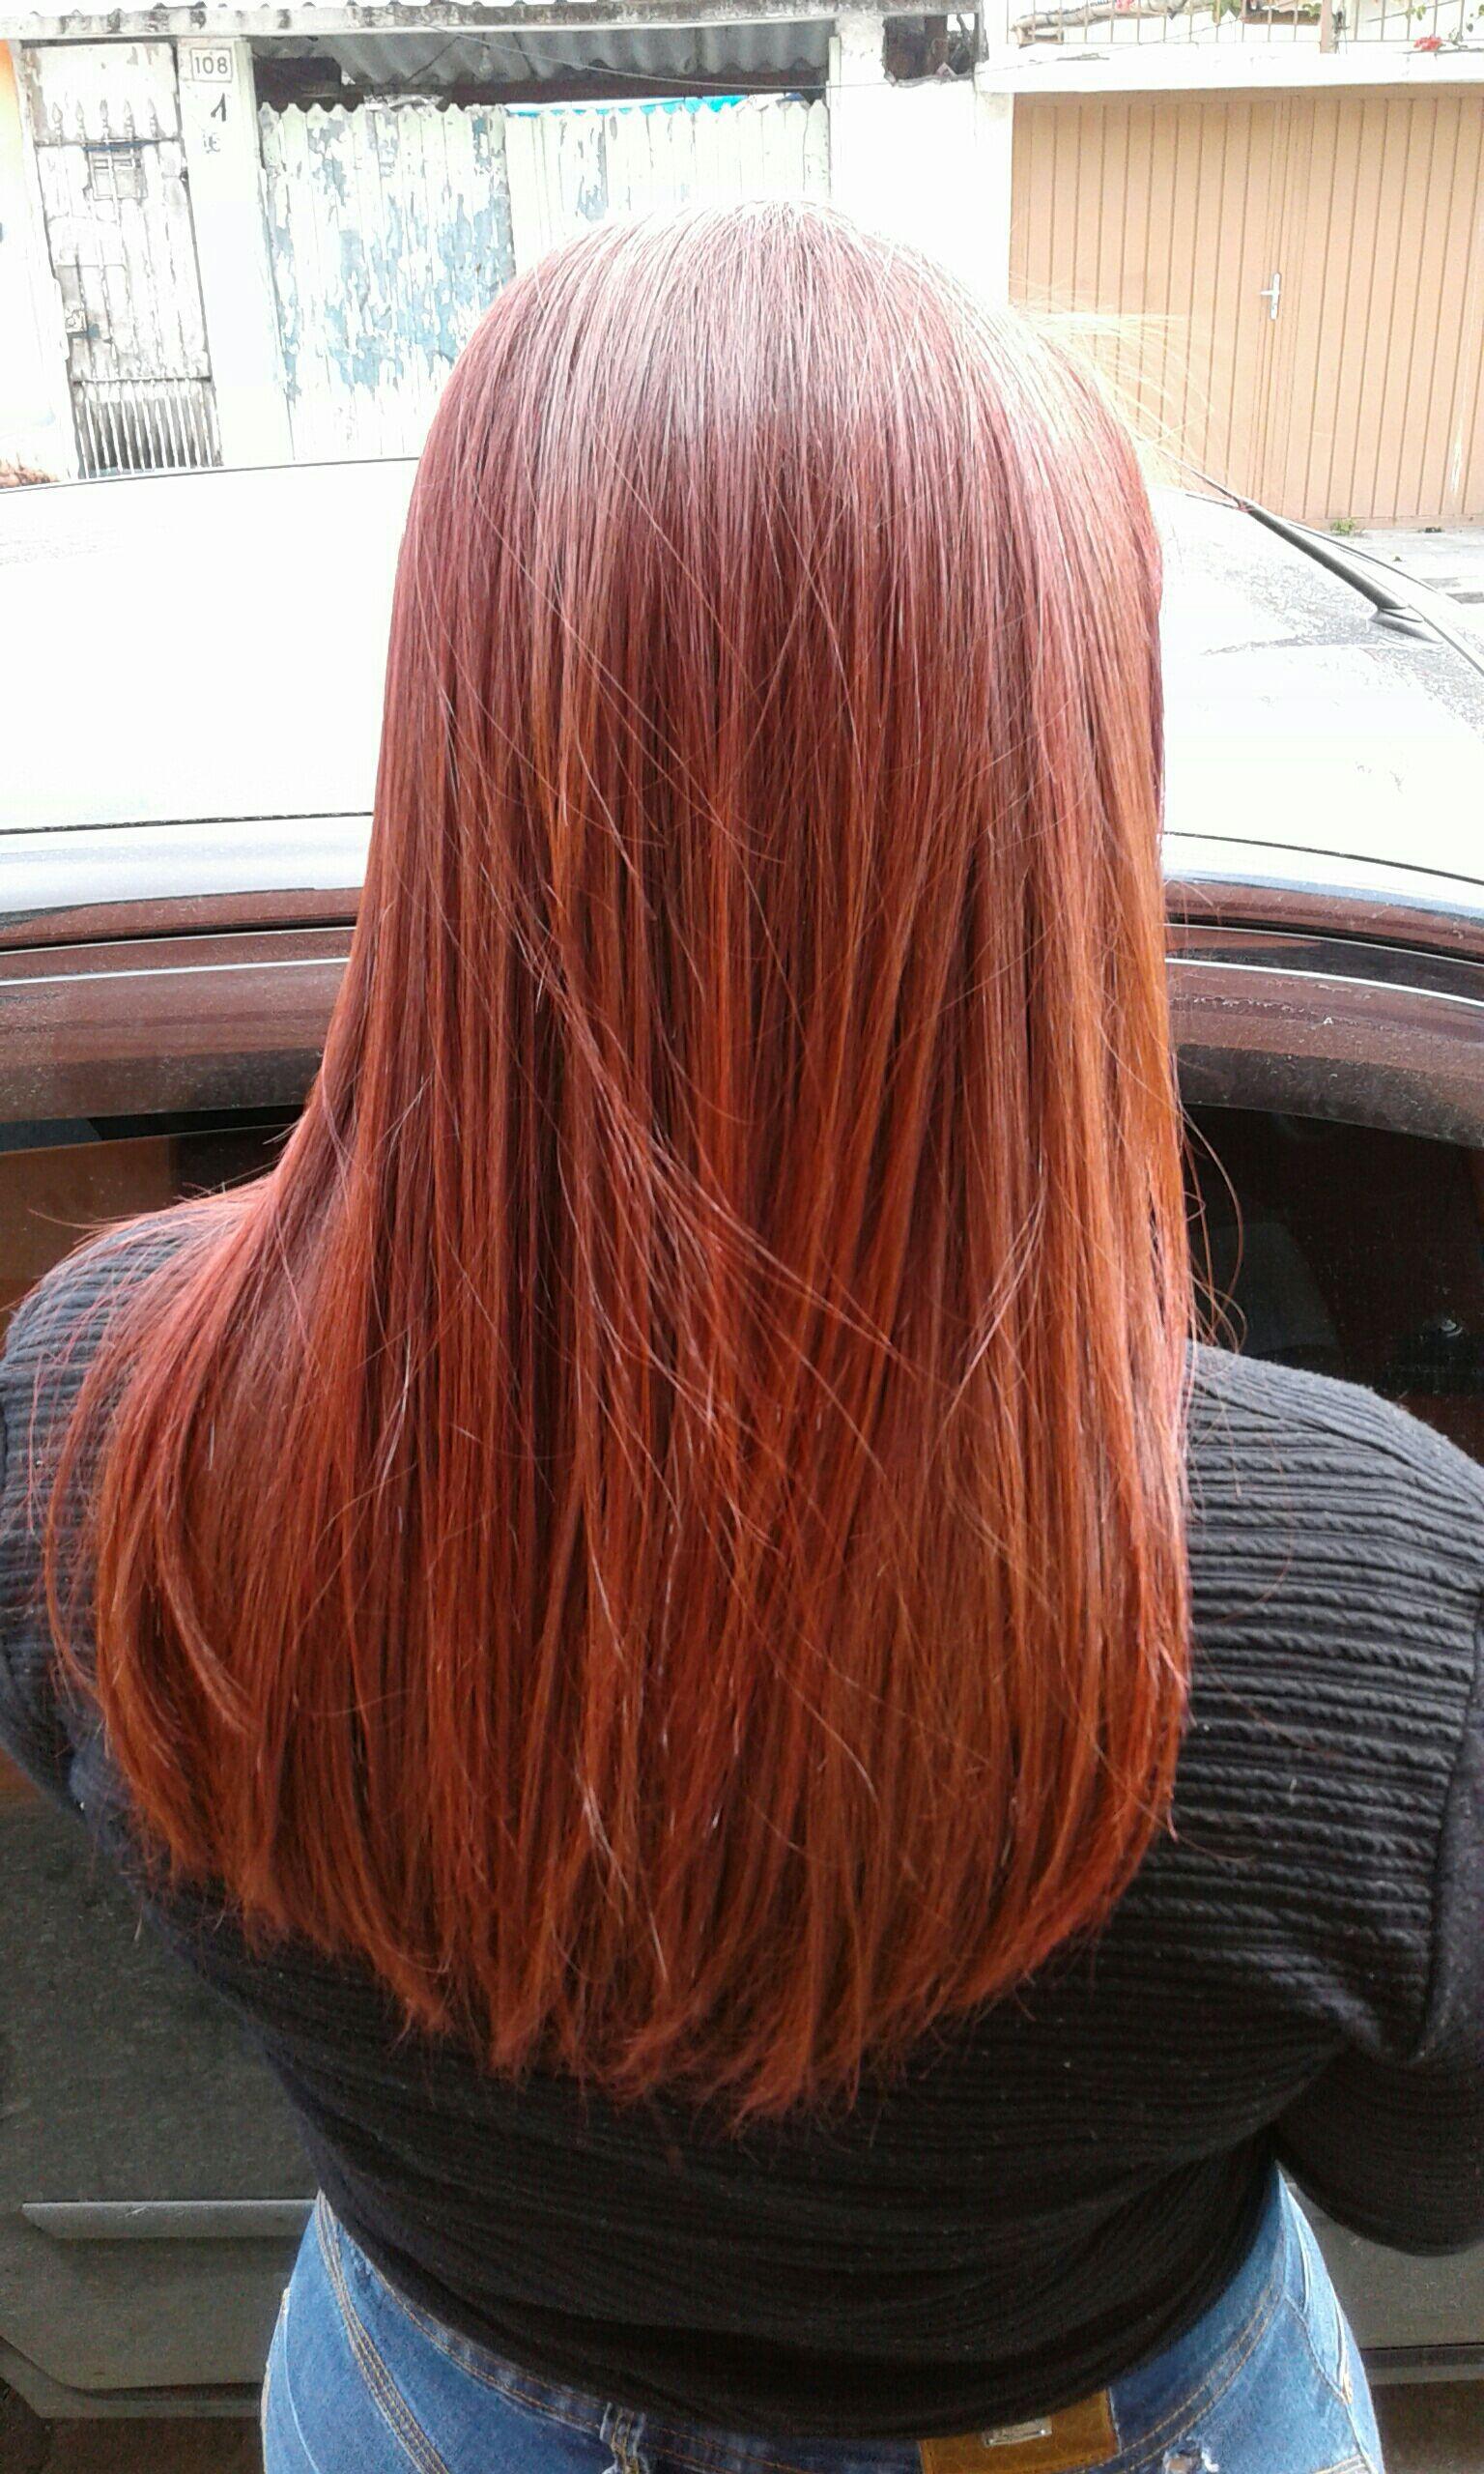 cabelo cabeleireiro(a) cabeleireiro(a) auxiliar cabeleireiro(a) auxiliar cabeleireiro(a) auxiliar cabeleireiro(a) auxiliar cabeleireiro(a) cabeleireiro(a) cabeleireiro(a) cabeleireiro(a) cabeleireiro(a) cabeleireiro(a) cabeleireiro(a) cabeleireiro(a) cabeleireiro(a) cabeleireiro(a) cabeleireiro(a) cabeleireiro(a) cabeleireiro(a) cabeleireiro(a) cabeleireiro(a) cabeleireiro(a) cabeleireiro(a) cabeleireiro(a) cabeleireiro(a) barbeiro(a) cabeleireiro(a) escovista cabeleireiro(a) cabeleireiro(a) cabeleireiro(a) cabeleireiro(a) cabeleireiro(a) cabeleireiro(a) cabeleireiro(a) cabeleireiro(a) cabeleireiro(a) cabeleireiro(a) maquiador(a) assistente maquiador(a) auxiliar cabeleireiro(a) auxiliar cabeleireiro(a) auxiliar cabeleireiro(a)